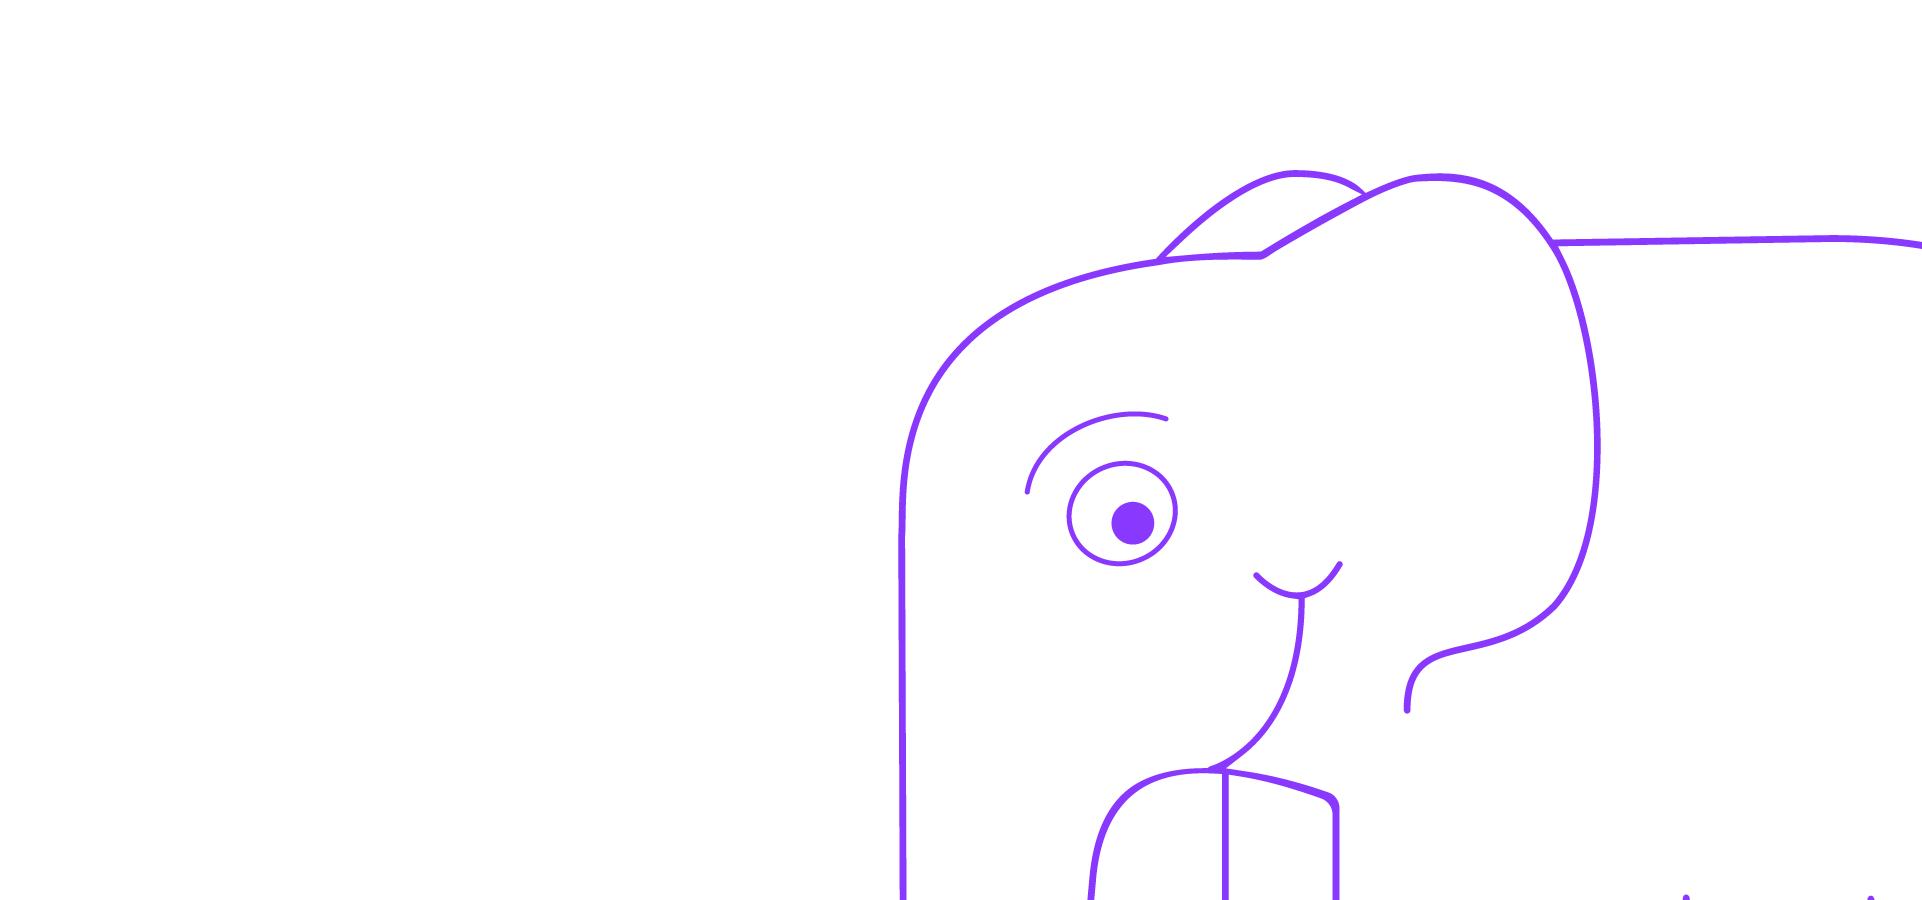 Вышел PHP 7.4! Как Badoo переходит на новую версию - 1